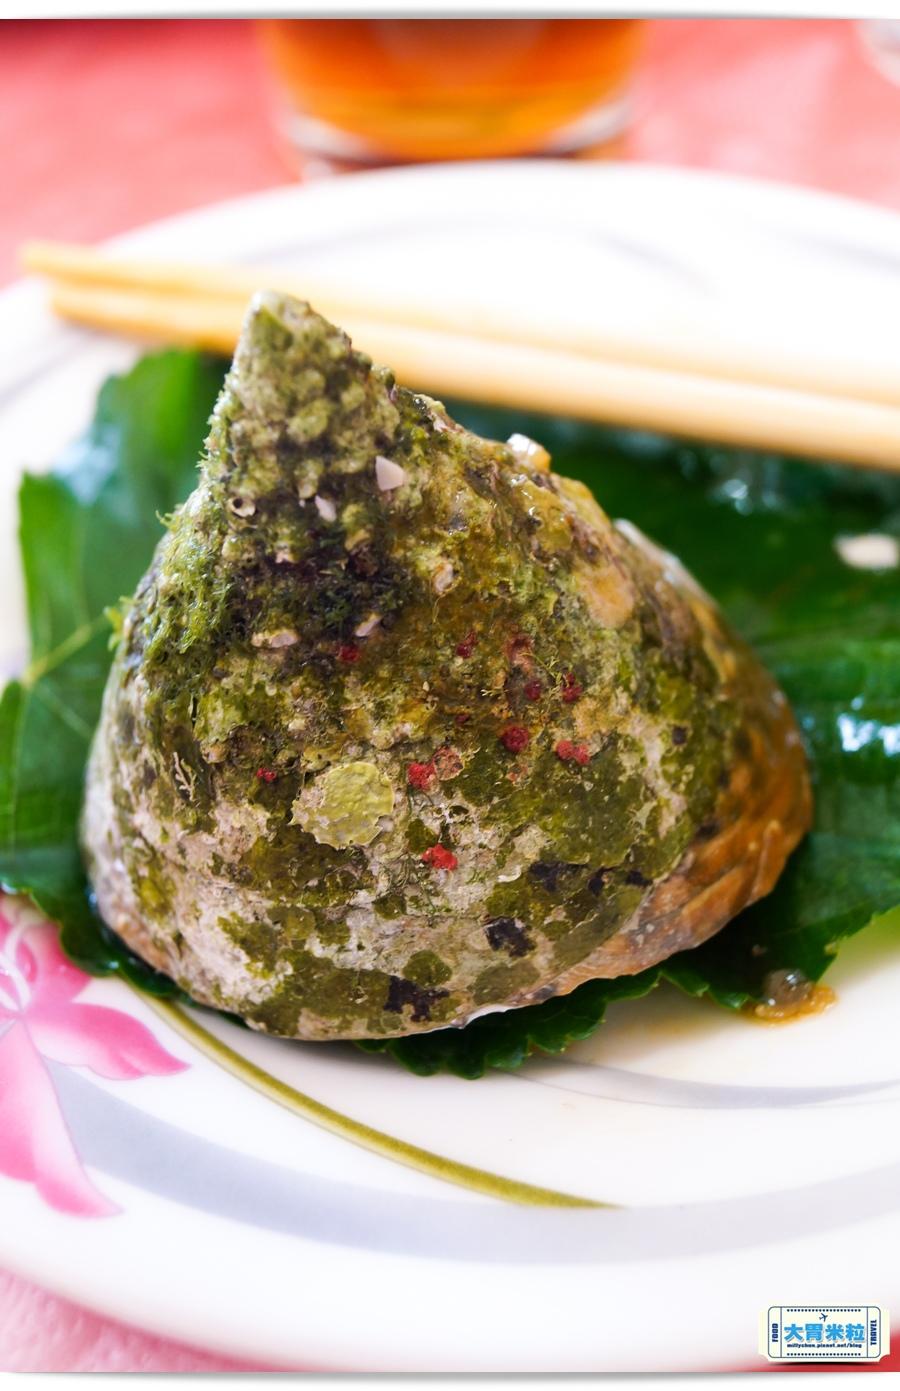 澎湖北海岸餐廳0001 (30).jpg